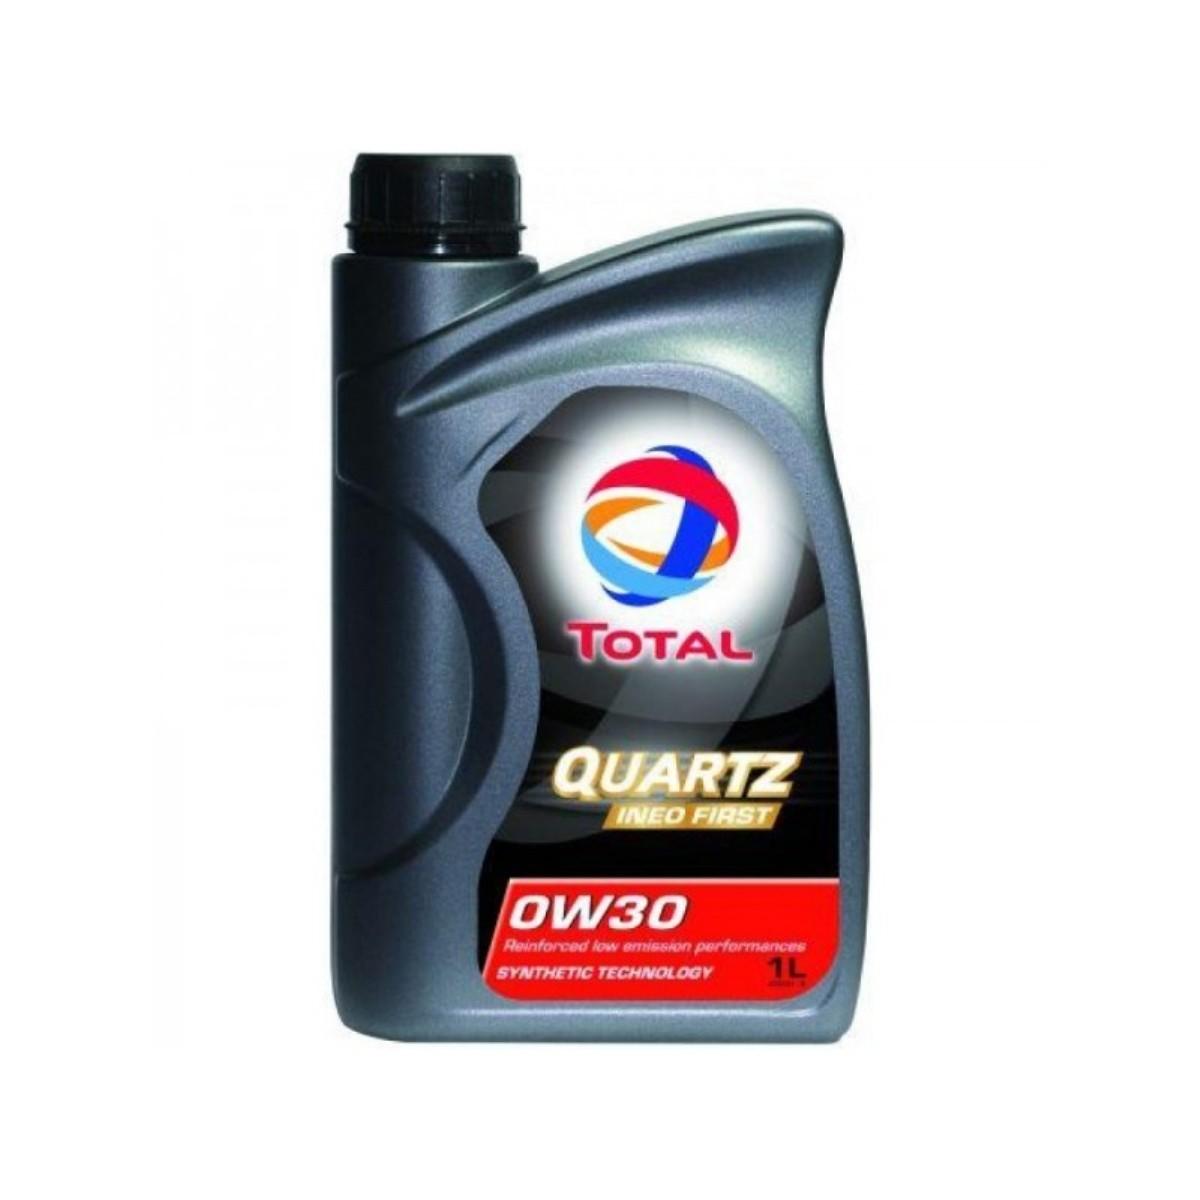 Моторное масло Total Quartz Ineo First 0W30, 1 л183103TOTAL QUARTZ INEO FIRST 0W-30 применяется концерном PSA PEUGEOT CITROEN в качестве моторного масла первой заливки и рекомендуется для послепродажного обслуживания. Моторное масло, разработанное по синтетической технологии, обеспечивает двигатель максимальной защитой от износа и от образования отложений. Благодаря малозольной формуле (низкое содержание серы, фосфора, пониженная зольность) масло обеспечивает долгое и правильное функционирование системы доочистки выхлопных газов, чувствительных к смазочным материалам и дорогих в обслуживании. Применение TOTAL QUARTZ INEO FIRST 0W30 позволяет экономить, не требуя при этом изменения стиля вождения. Подходит для наиболее сложных условий эксплуатации (езда от двери до двери, спортивное вождение, старт-стоп, езда в городе и т.д.). Синтетическая технология Экономия топлива и LOW SAPS Международные спецификации: ACEA C1 и C2 2010 Одобрения автопроизводителей: PSA PEUGEOT CITROEN B71 2312